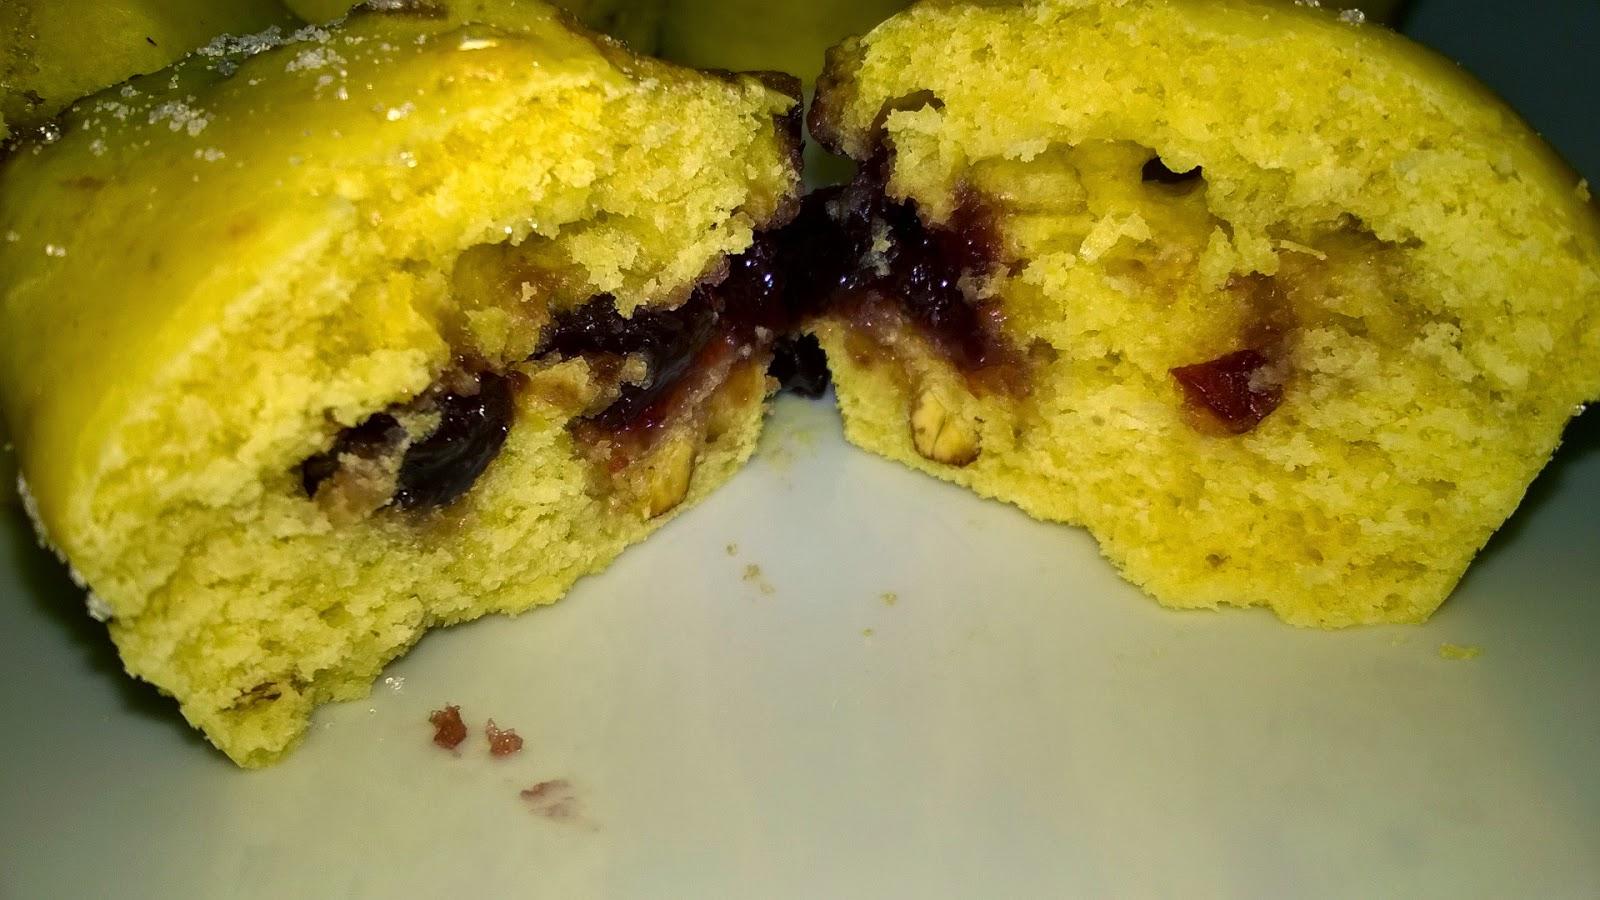 Muffins à la confiture de cerises et à l'amande